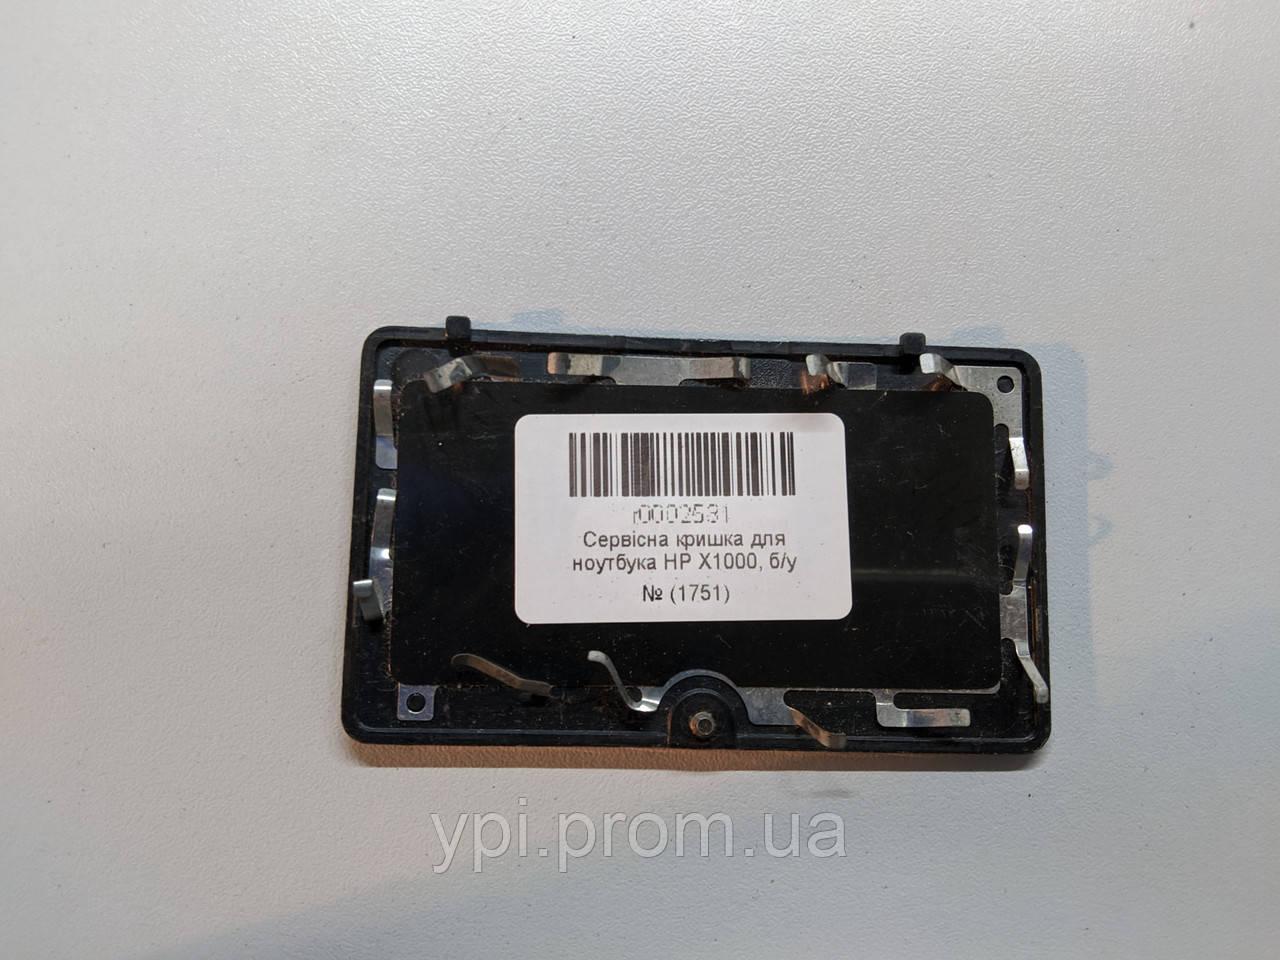 Cервисная крышка для ноутбука HP (Hewlett Packard) X1000